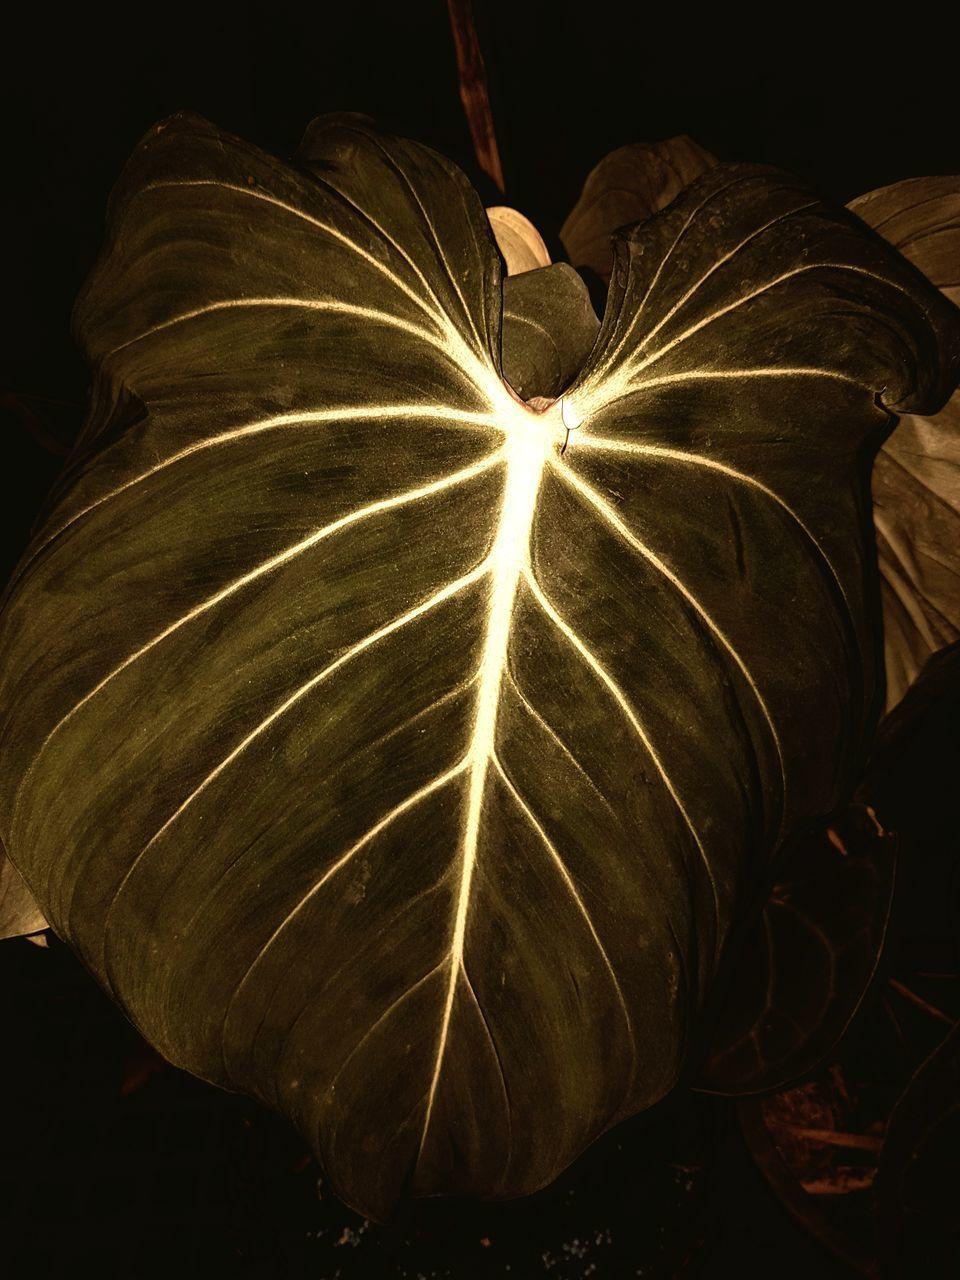 CLOSE-UP OF ILLUMINATED LIGHT PAINTING